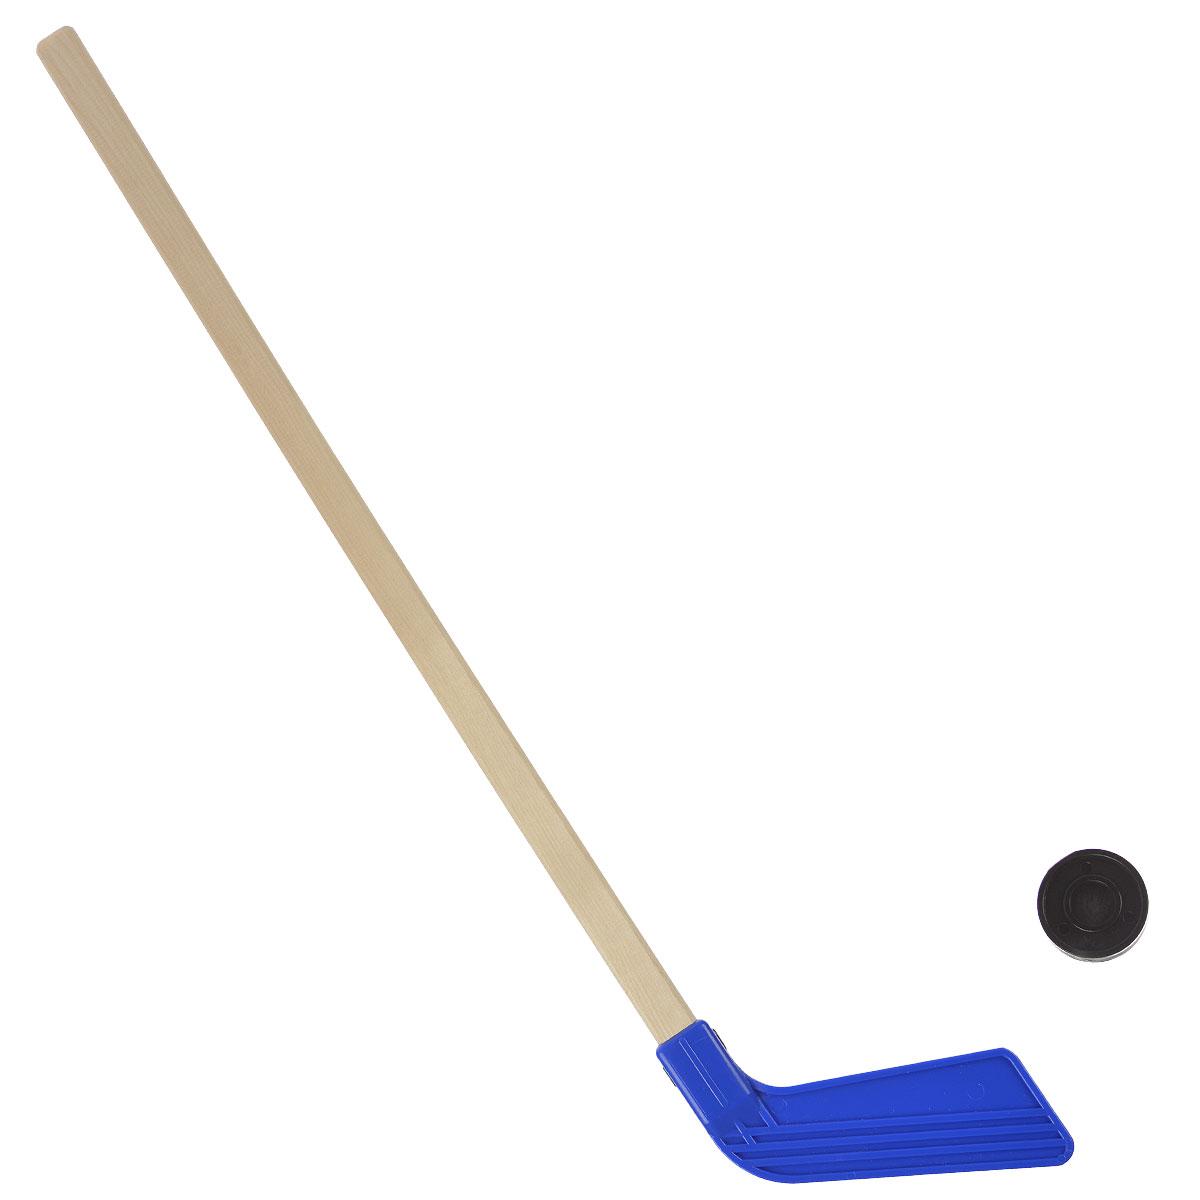 """Набор для игры в хоккей Астрон """"КХЛ"""" будет полезным подарком для маленьких любителей подвижных игр и активного отдыха. Набор включает в себя деревянную клюшку с пластиковой насадкой и пластиковую шайбу. Хоккейный набор поможет в приобщении ребенка к спорту, а также доставит много радости и принесет большое количество новых впечатлений. Приобретая набор для игры в хоккей, вы обеспечите малышу весело проведенное время и крепкое здоровье, ведь активные игры на природе очень полезны."""